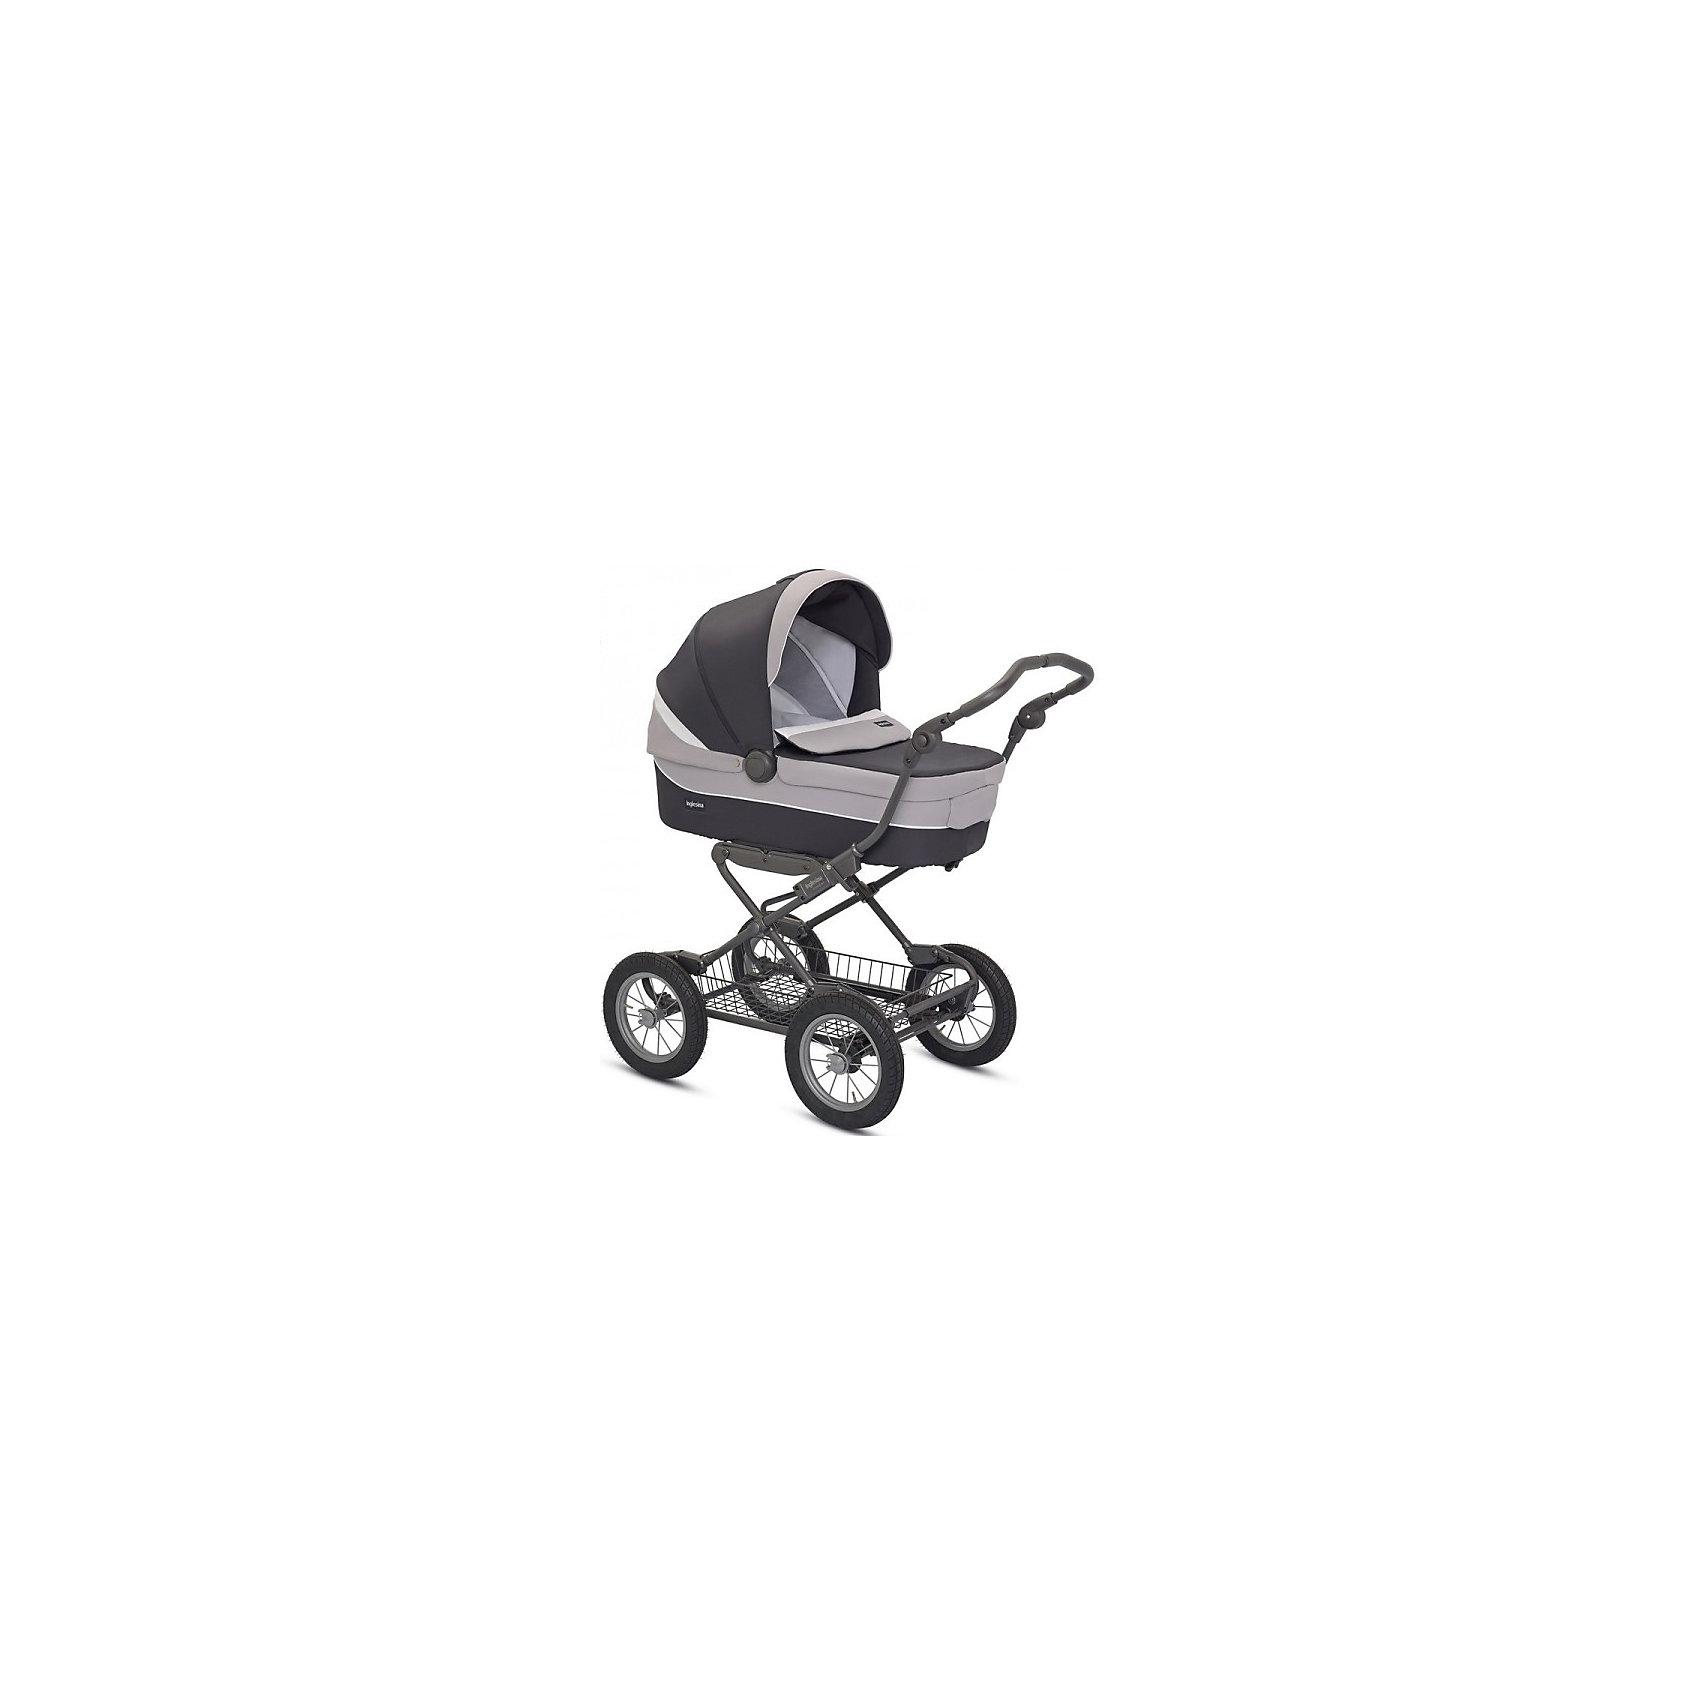 Коляска-люлька Inglesina Sofia, Grafite, на шасси Ergobike SlateКоляски для новорожденных<br>Коляска-люлька Sofia - прекрасный вариант для мам и малышей! Шасси с системой амортизации и большие надувные колеса способствуют хорошей проходимости и комфорту ребенка на любой дорожной поверхности. Люлька Inglesina Sofia оснащена системой Easy Clip, которая позволяет по желанию мамы или малыша устанавливать люльку или прогулочный блок лицом к маме или по ходу движения. Внутренняя обивка выполнена из натурального хлопка. Некоторые тканевые элементы съемные. При необходимости вы можете постирать их в холодной воде при температуре не более 30 градусов. Дно люльки имеет специальные отверстия, через которые внутрь проникает воздух (механизм регулирования притока воздуха расположен на дне корзины). Благодаря этому вашему малышу будет уютно и тепло спать в коляске в любое время года. Люлька Inglesina Sofia легко устанавливается в автомобиле с помощью системы креплений Kit Auto (приобретается отдельно), и Вы можете не беспокоиться за безопасность вашего малыша в дальних поездках.<br><br>Дополнительная информация:<br><br>- Материал: пластик, текстиль, резина, алюминий.<br>- Количество колес: 4 (надувные).<br>- Размер шасси в сложенном виде:  43 х  83 см.<br>- Размер шасси в разложенном виде:  57.7 х  104 х  75/111 см. <br>- Механизм складывания: книжка. <br>- Вес шасси : 8.7 кг.<br>- Размер спального места: 35 х 22 х 75 см. <br>- Вес люльки: 5,5 кг.<br>- Система Easy Clip.<br>- Система вентиляции. <br>- Регулируемое изголовье.<br>- Корзина для покупок.<br>- Сумка в комплекте. <br><br>Коляску-люльку Sofia, Inglesinaна (Инглезина), Grafite, шасси Ergobike Slate, можно купить в нашем магазине.<br><br>Ширина мм: 1440<br>Глубина мм: 570<br>Высота мм: 1390<br>Вес г: 20650<br>Цвет: графит<br>Возраст от месяцев: 0<br>Возраст до месяцев: 6<br>Пол: Унисекс<br>Возраст: Детский<br>SKU: 4779606